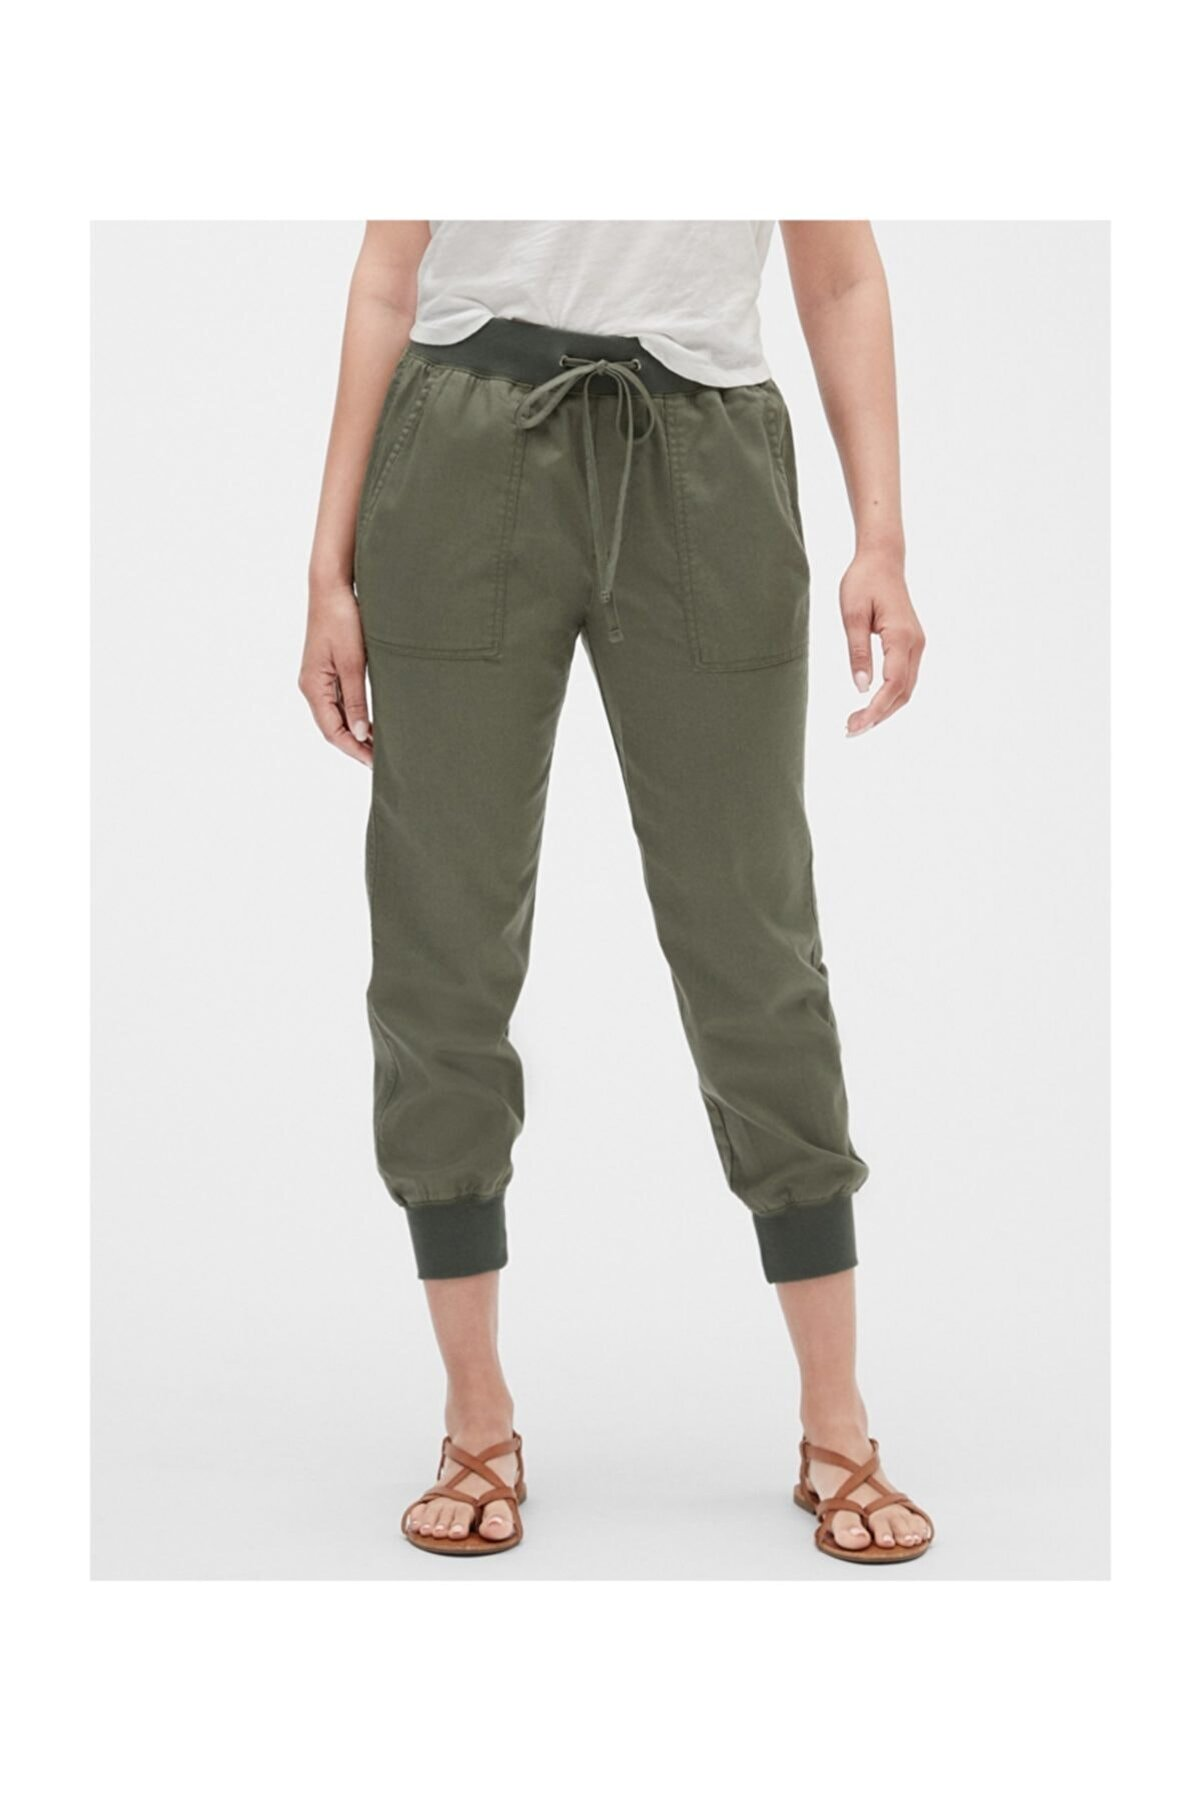 GAP Kadın Yeşil Jogger Pantolon